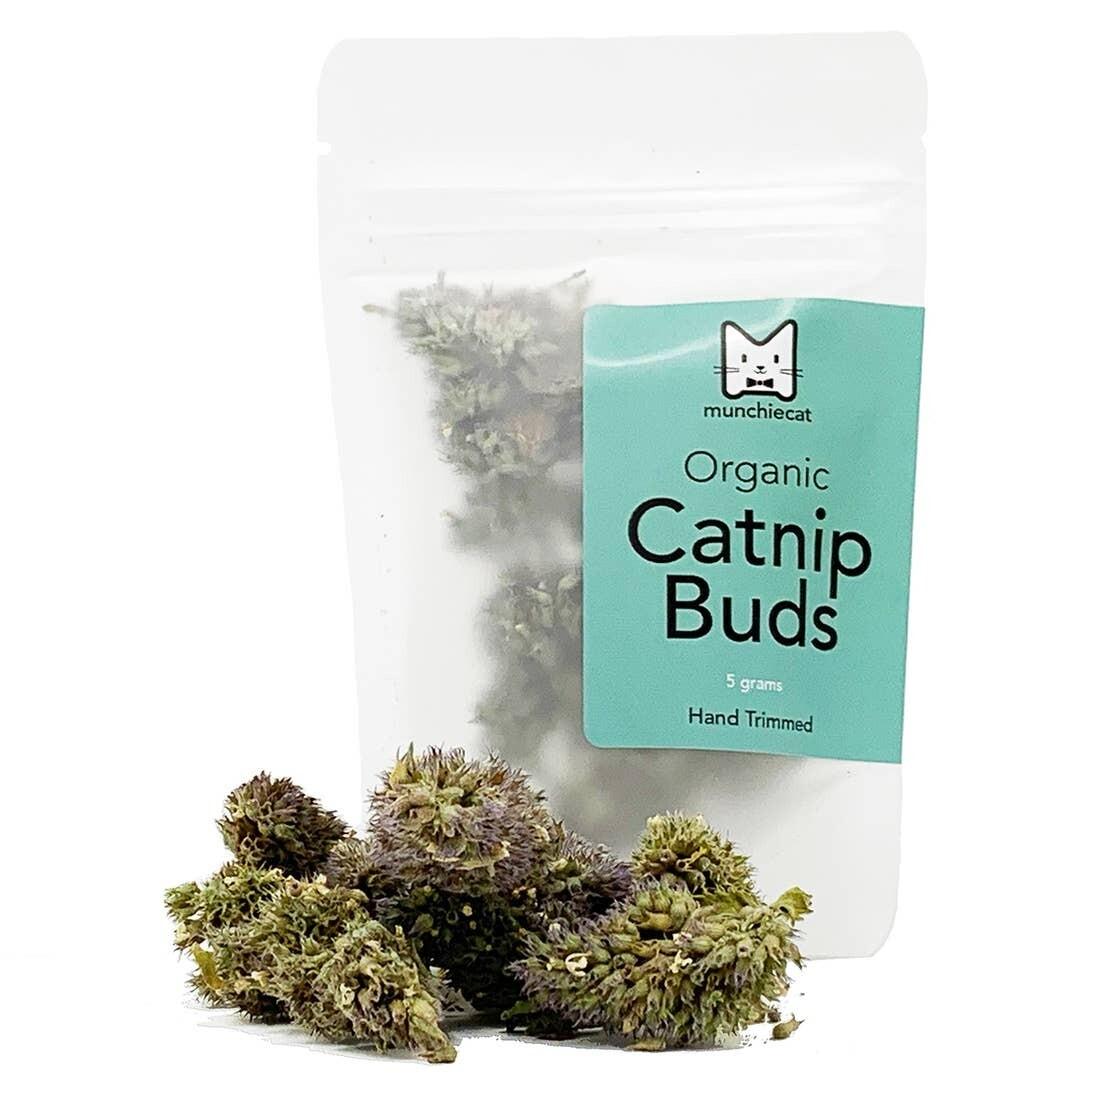 Organic Catnip Buds